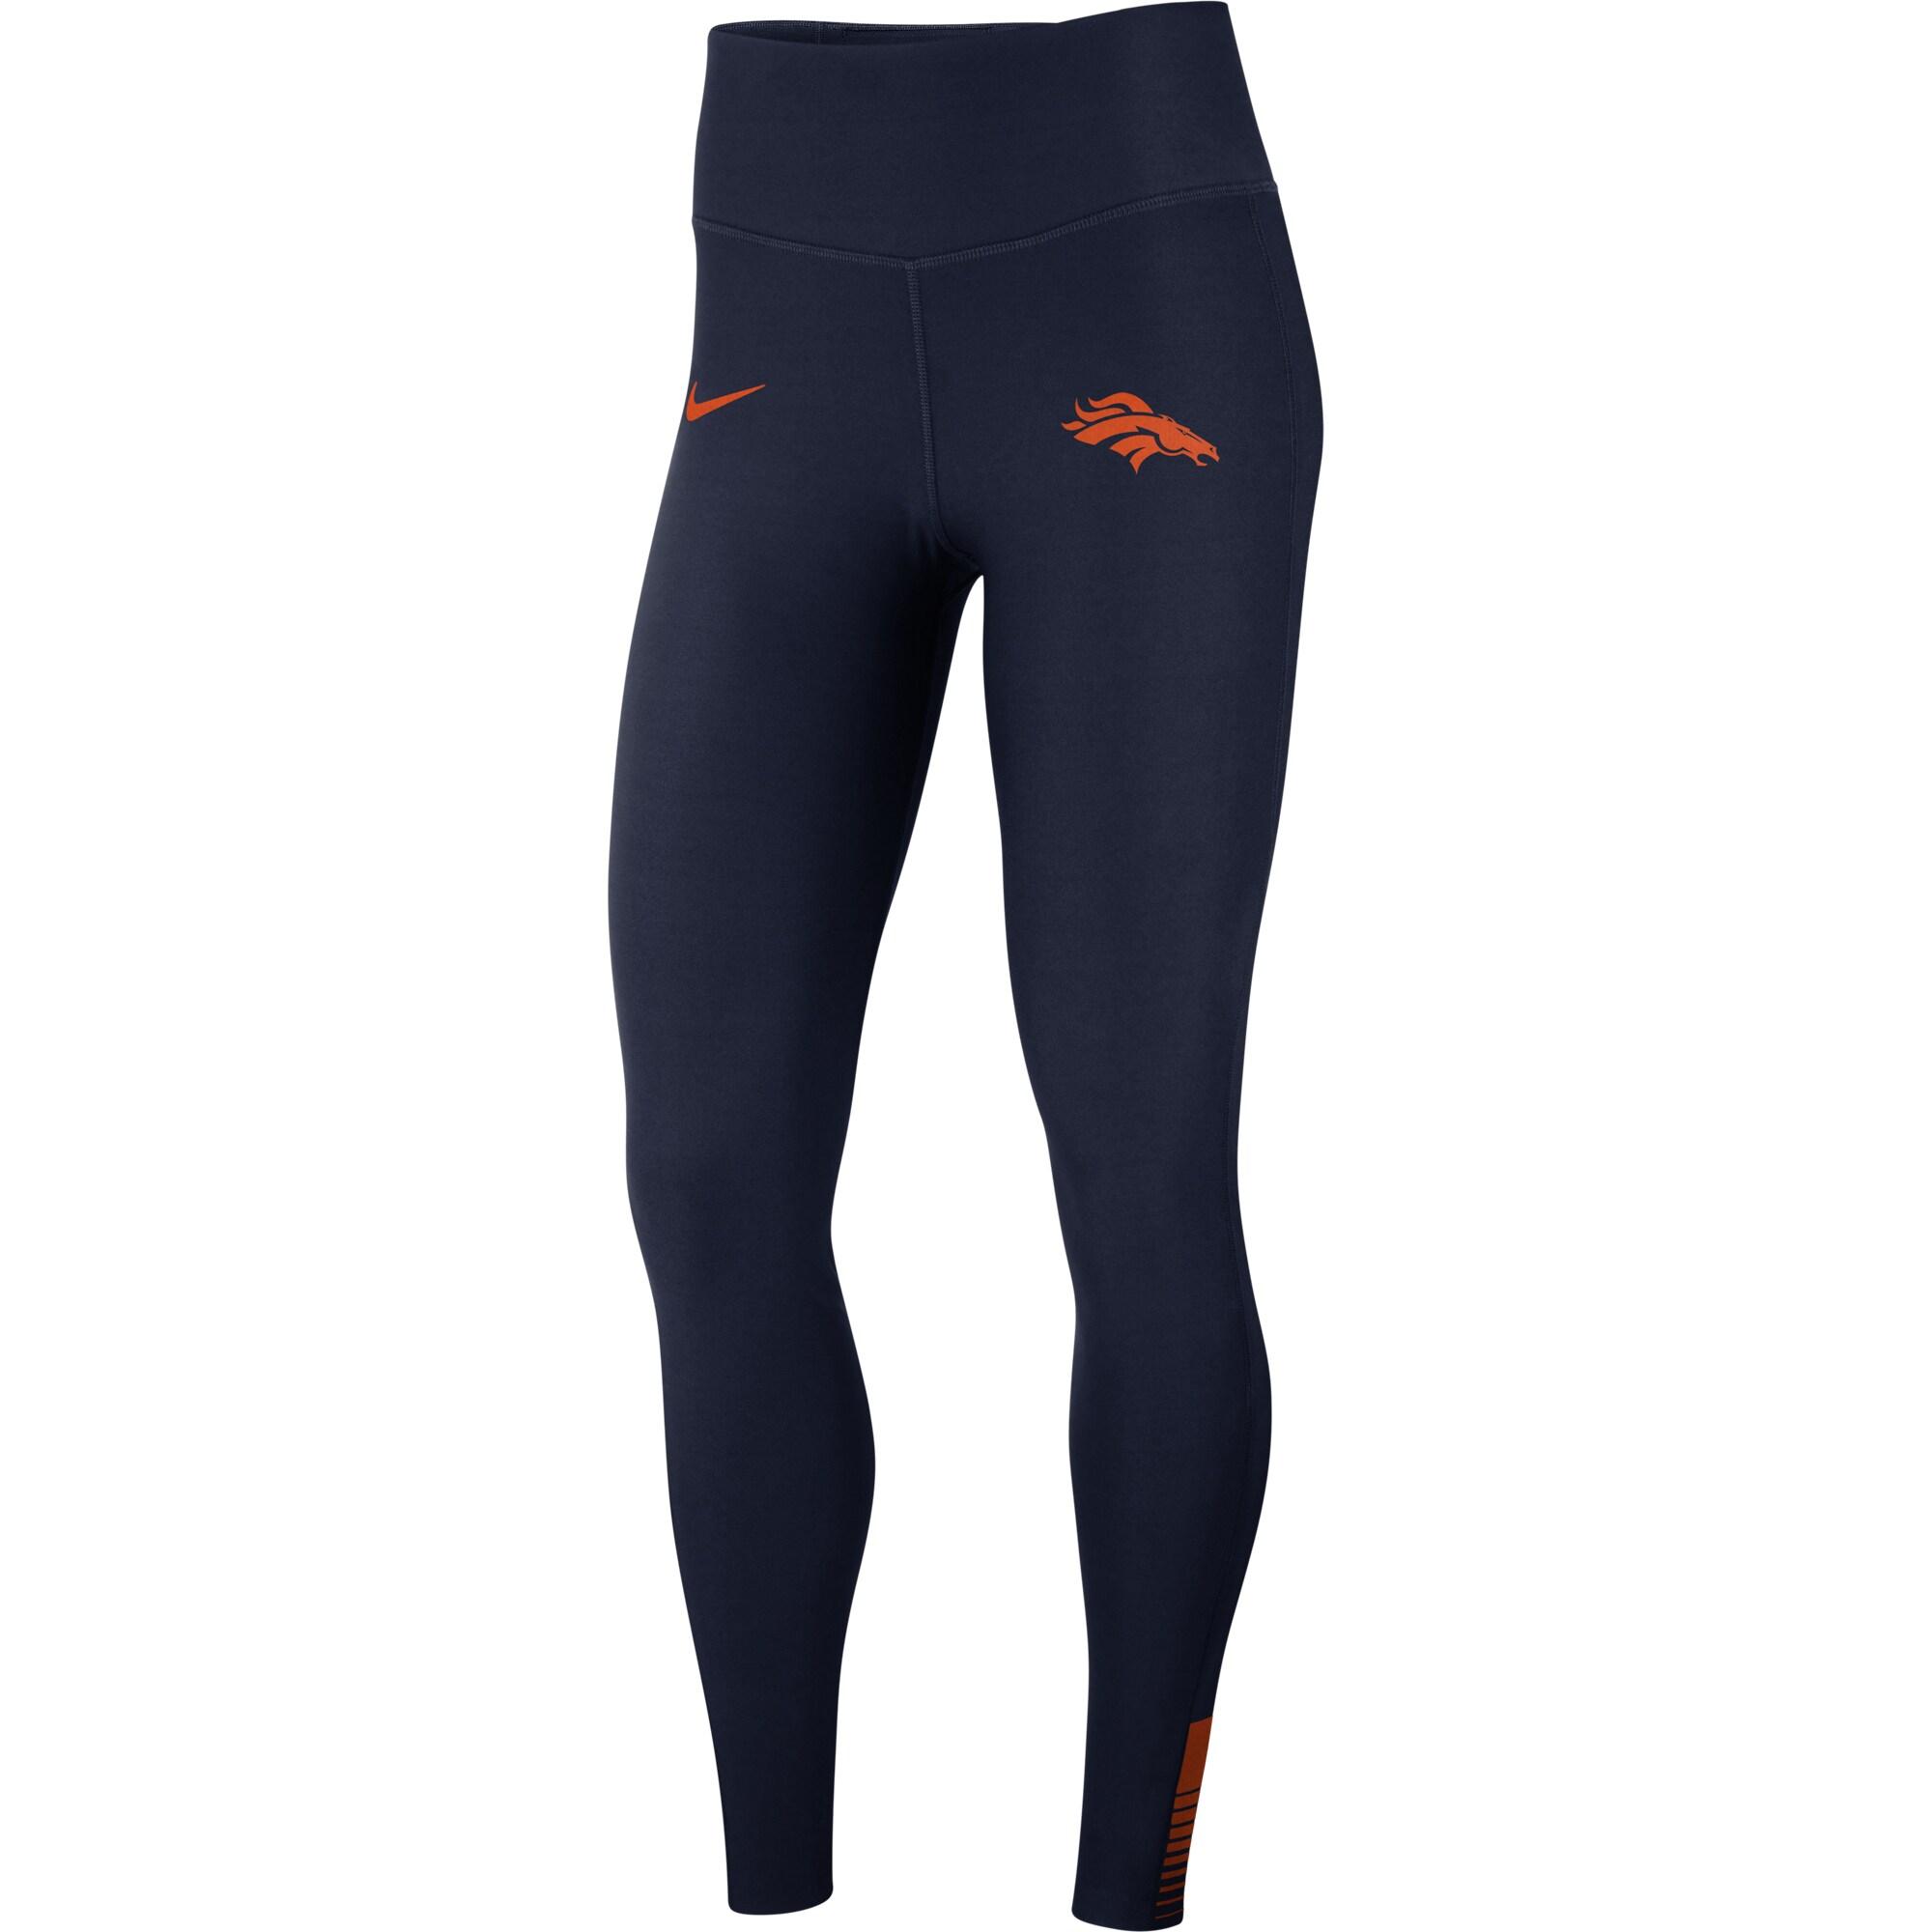 Denver Broncos Nike Women's Power Sculpt Performance Leggings - Navy